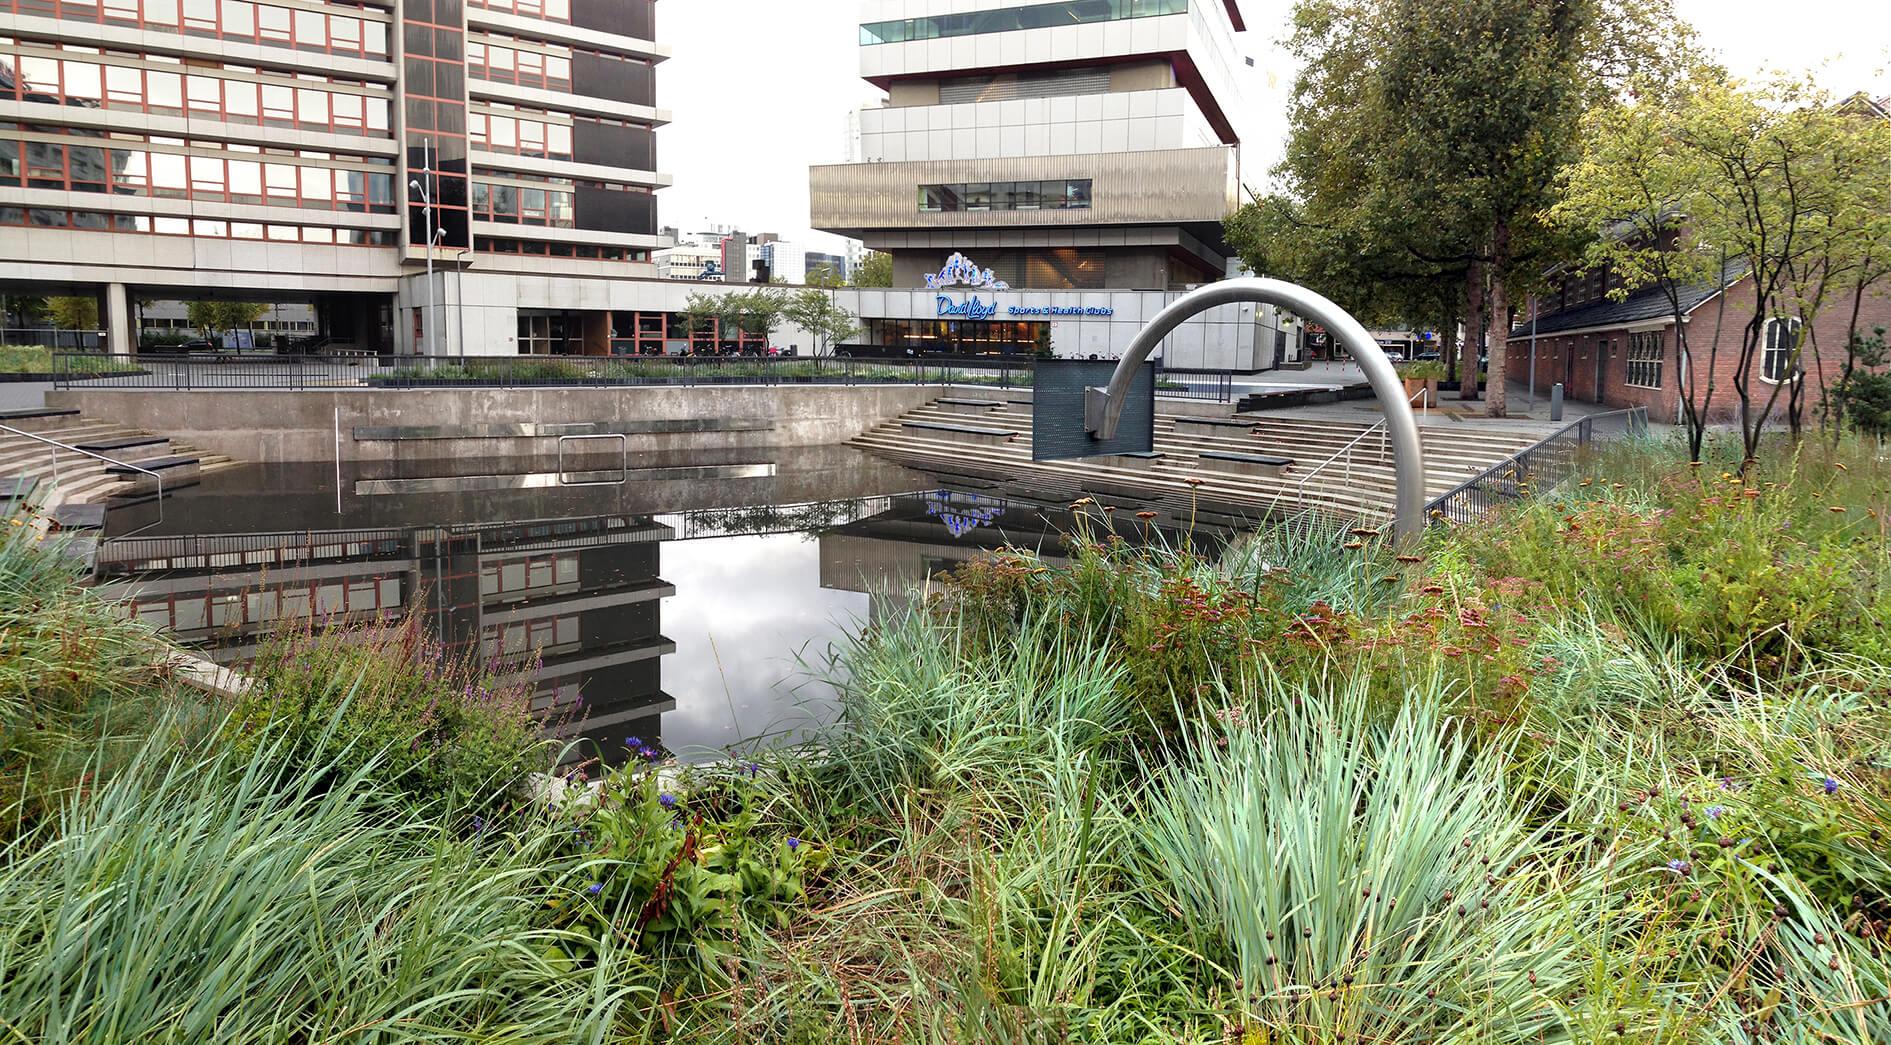 Waterplein Benthemplein